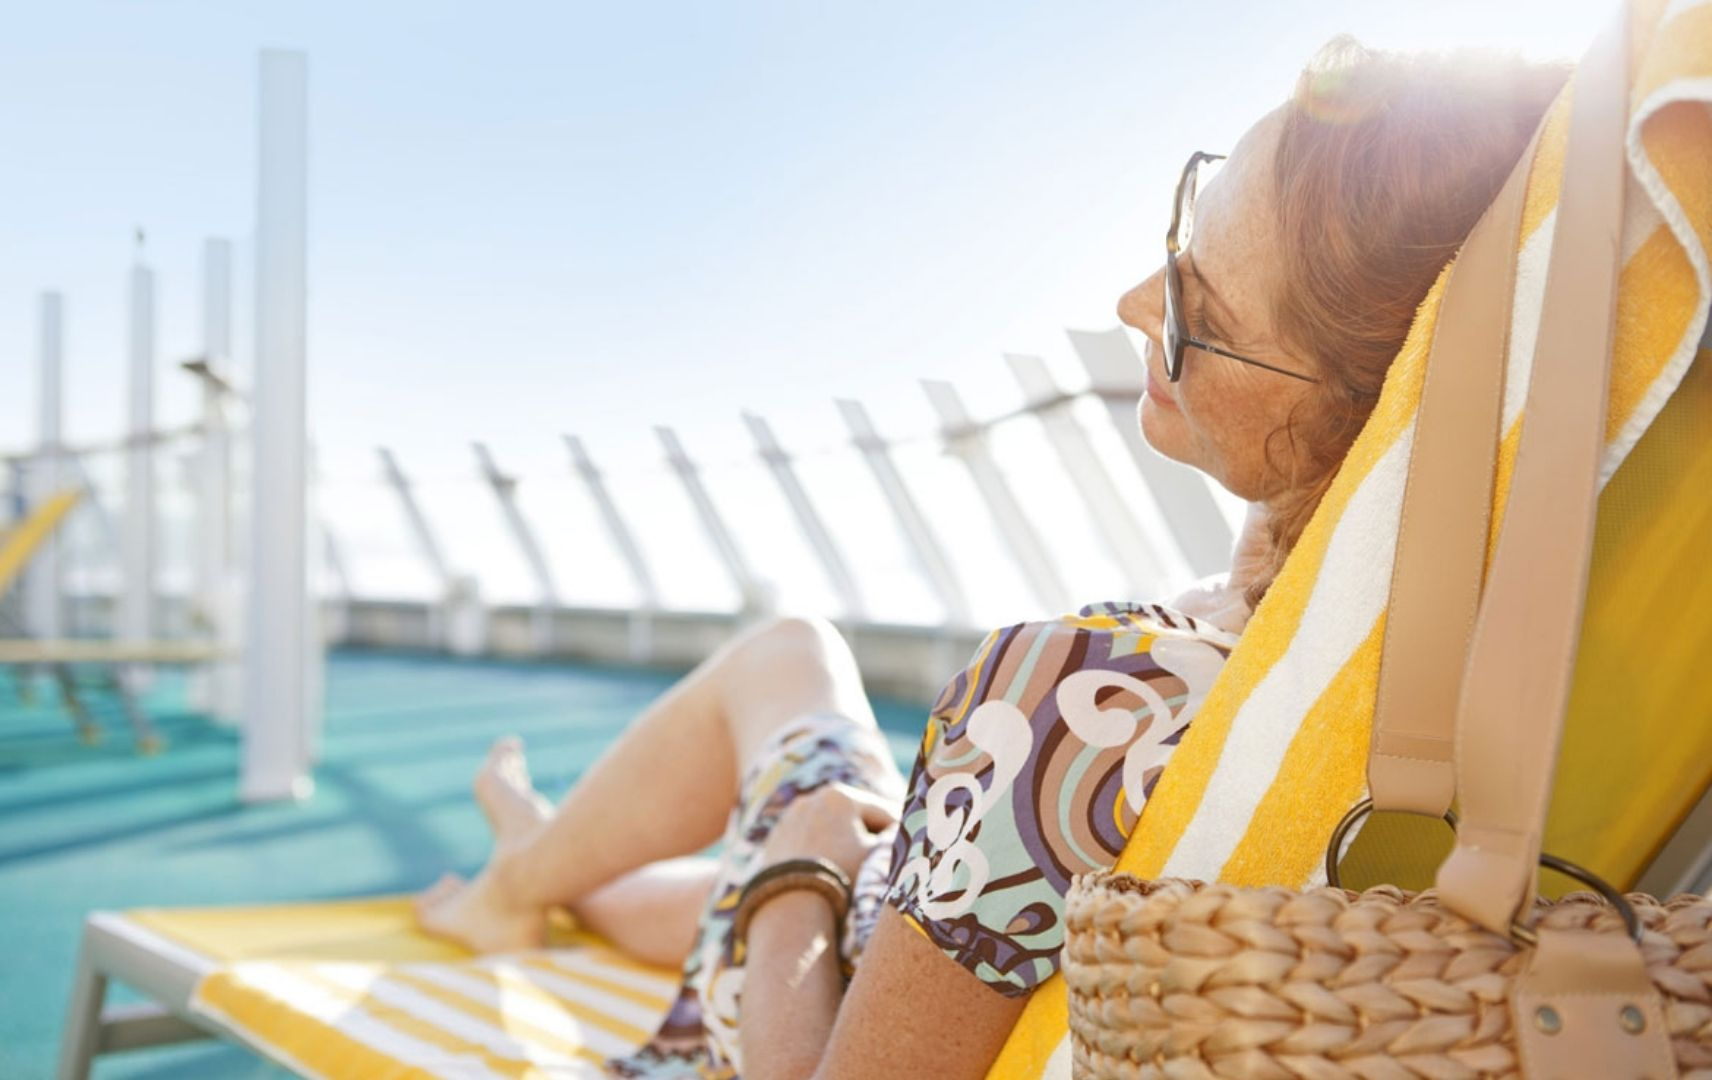 Frau liegt mit Sonnenbrille auf Liege auf Kreuzfahrtschiff Deck